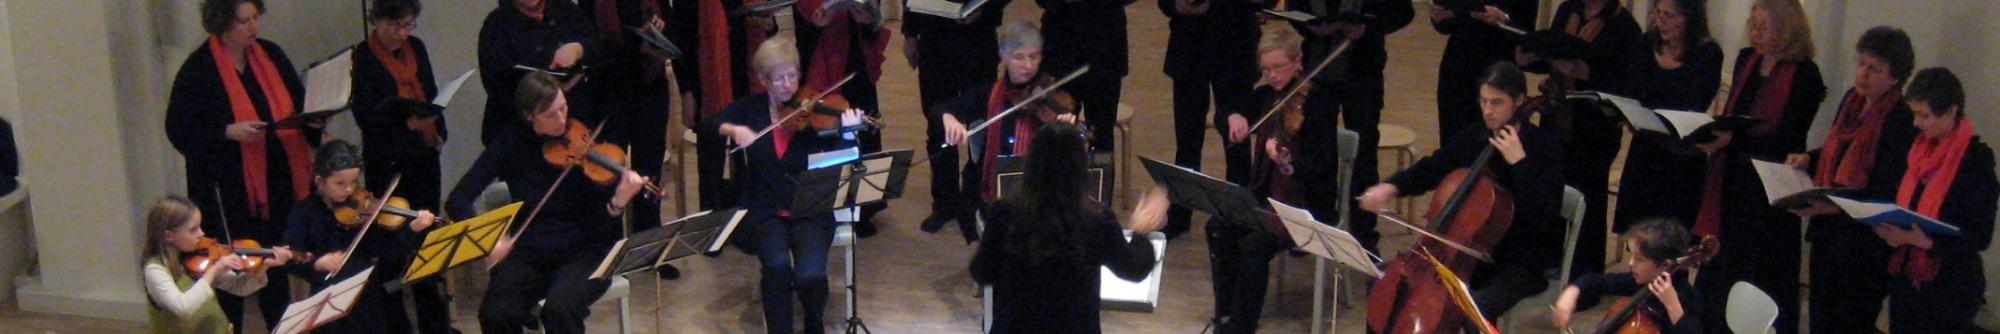 Kleines Kantatenorchester Altona beim Offenen Singen in der Kirche der Stille 2011